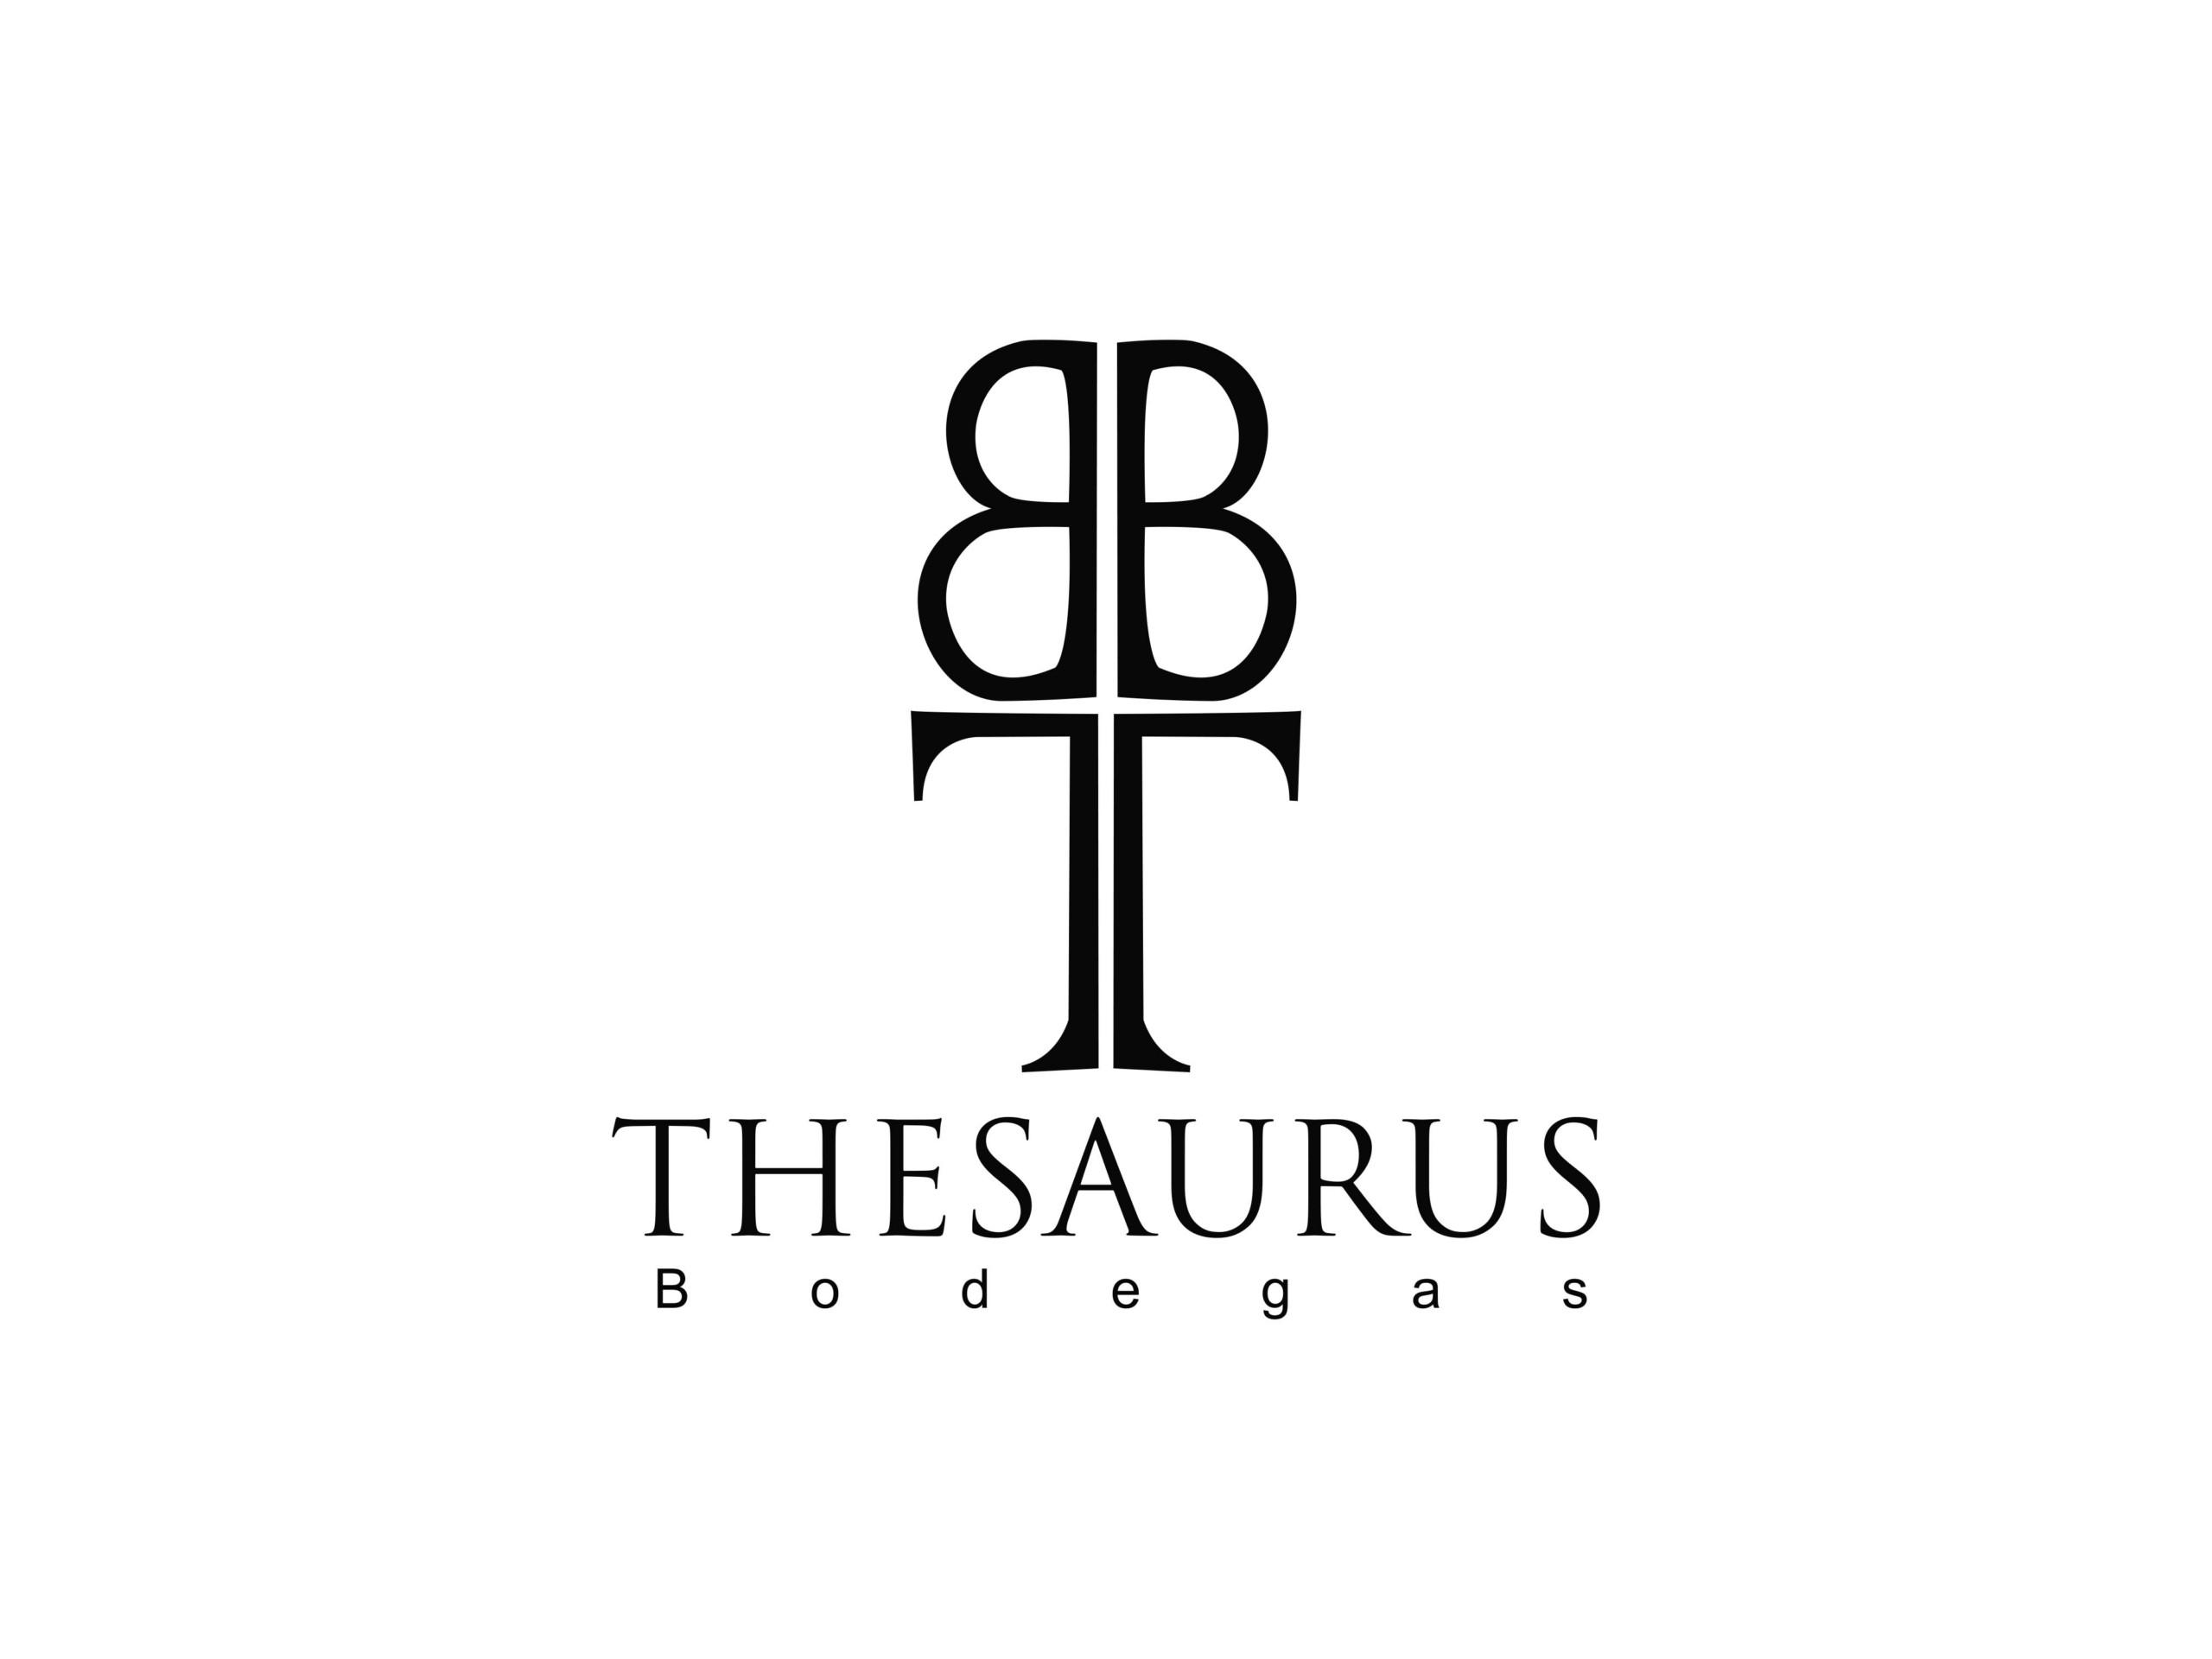 Bodegas Thesaurus